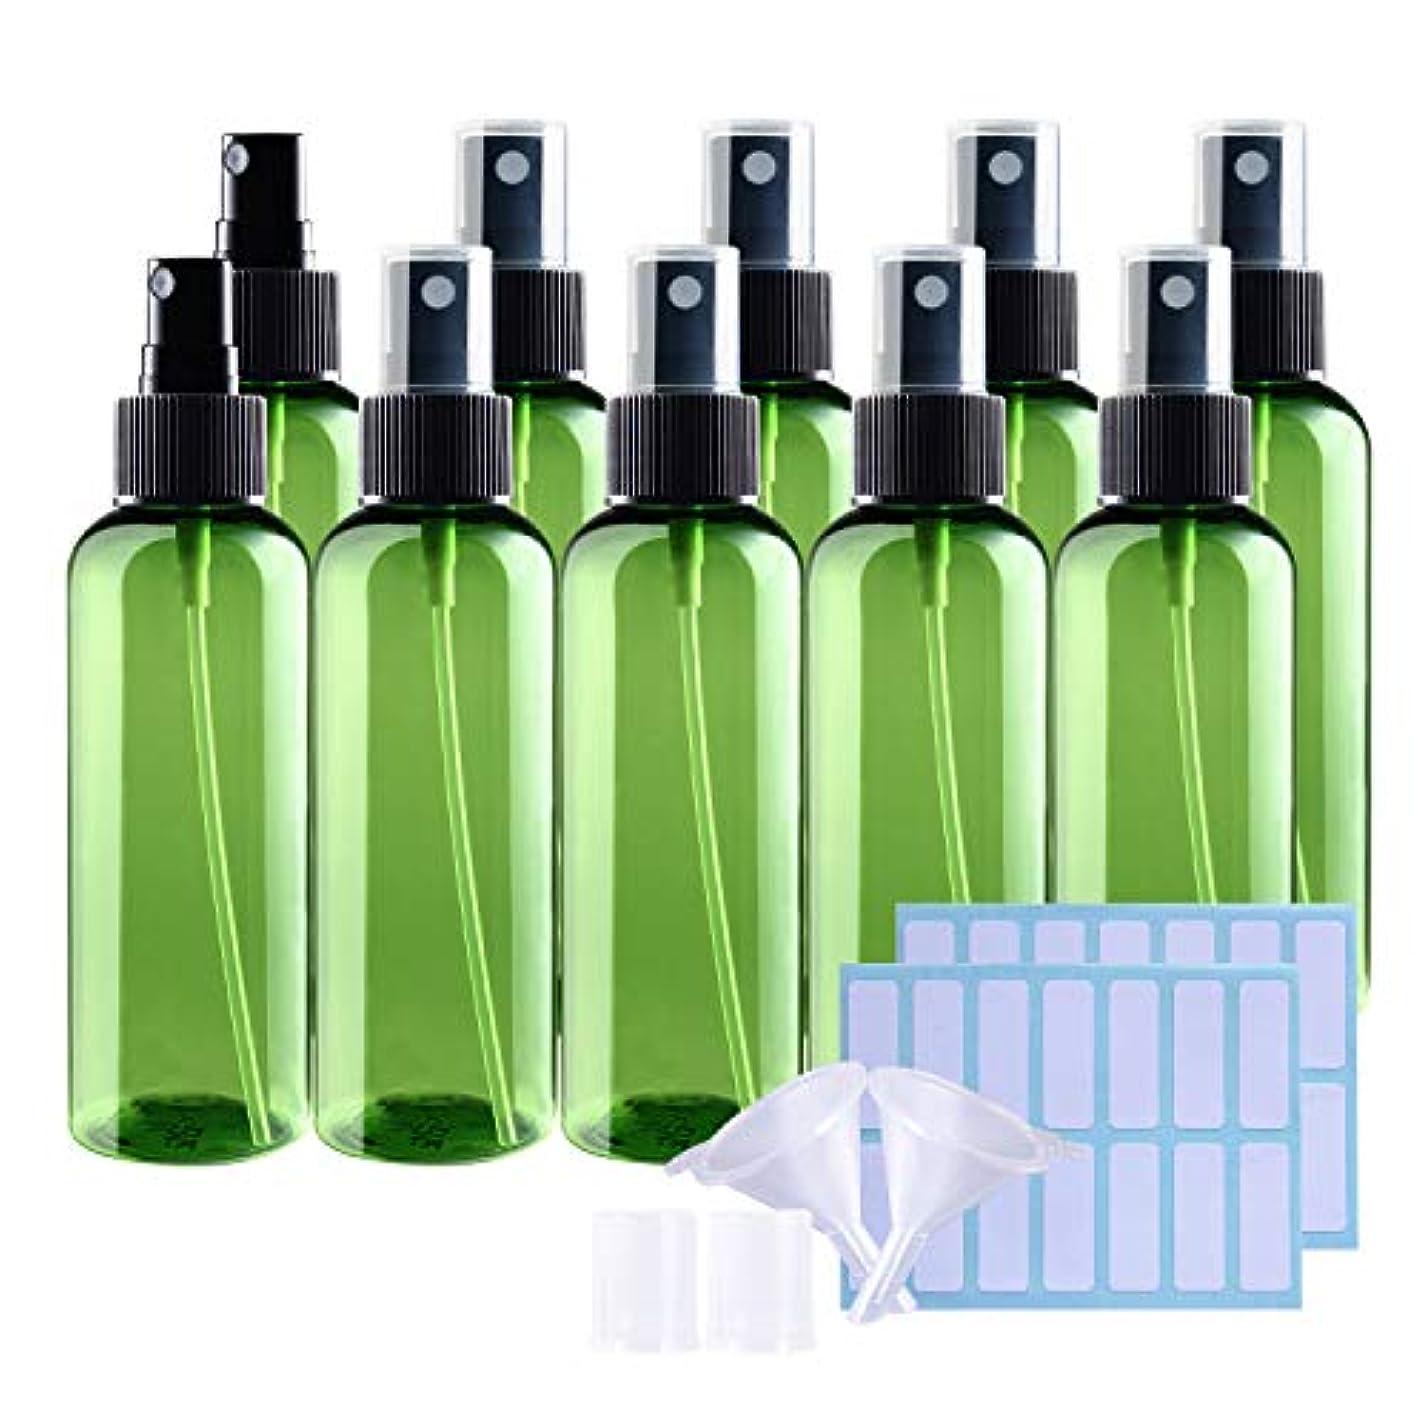 不誠実楽しませる夕暮れ100mlスプレーボトル 10個セット遮光瓶 小分けボトル プラスチック容器 液体用空ボトル 押し式詰替用ボトル 詰め替え シャンプー クリーム 化粧品 収納瓶(緑 10本)